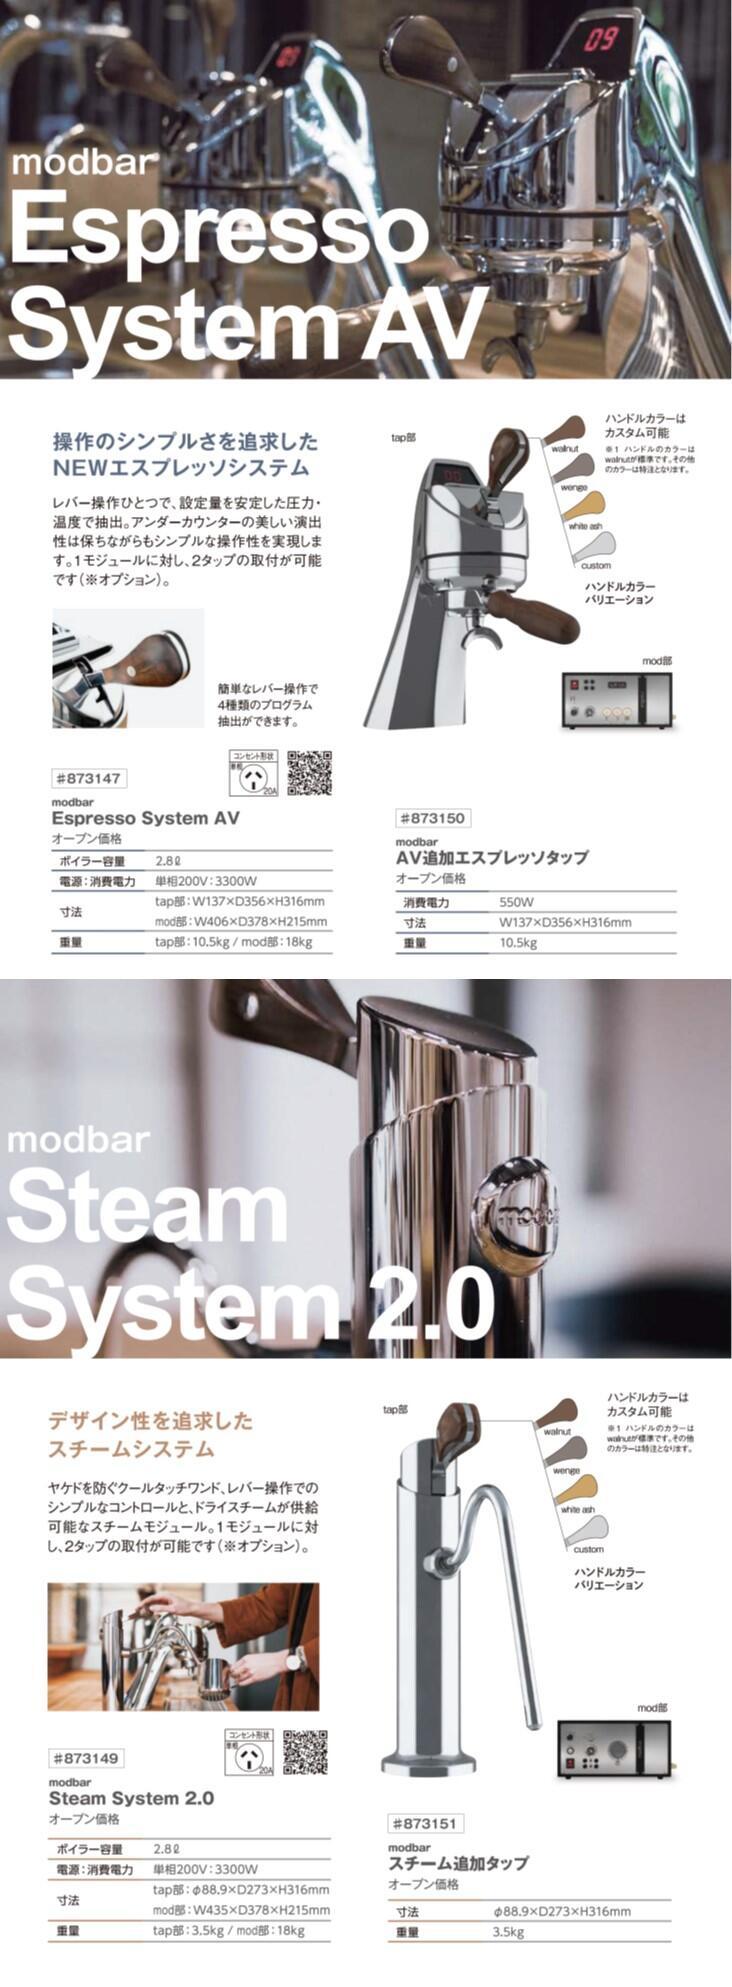 ★新着貼付用(modbar②).jpg